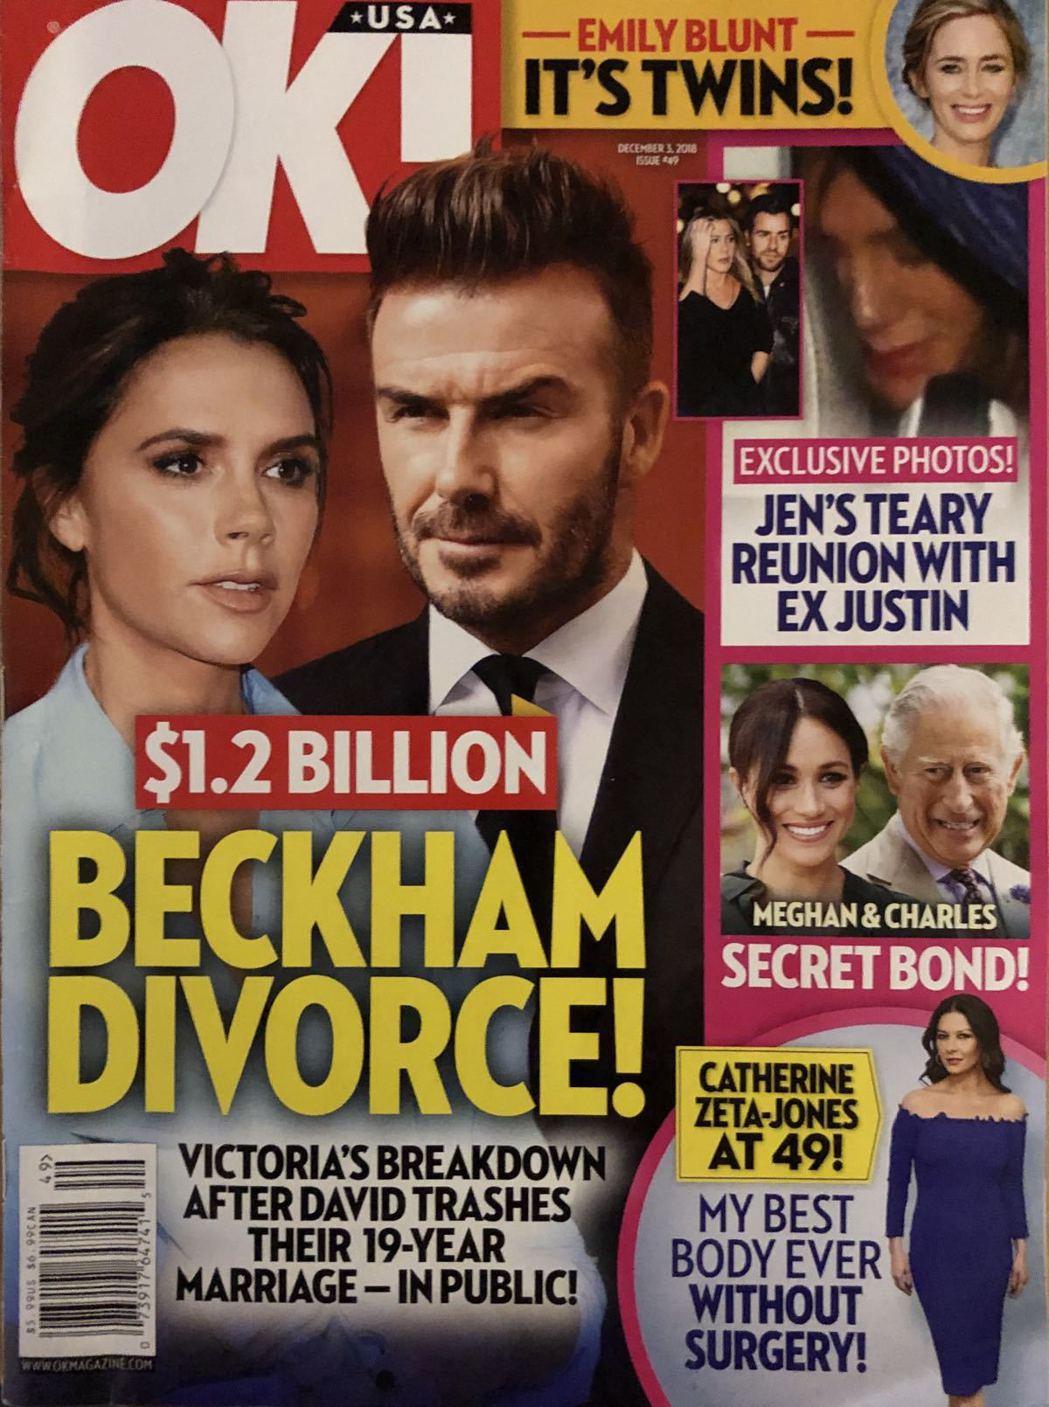 貝克漢夫婦又被八卦媒體唱衰要離婚。圖/摘自OK!